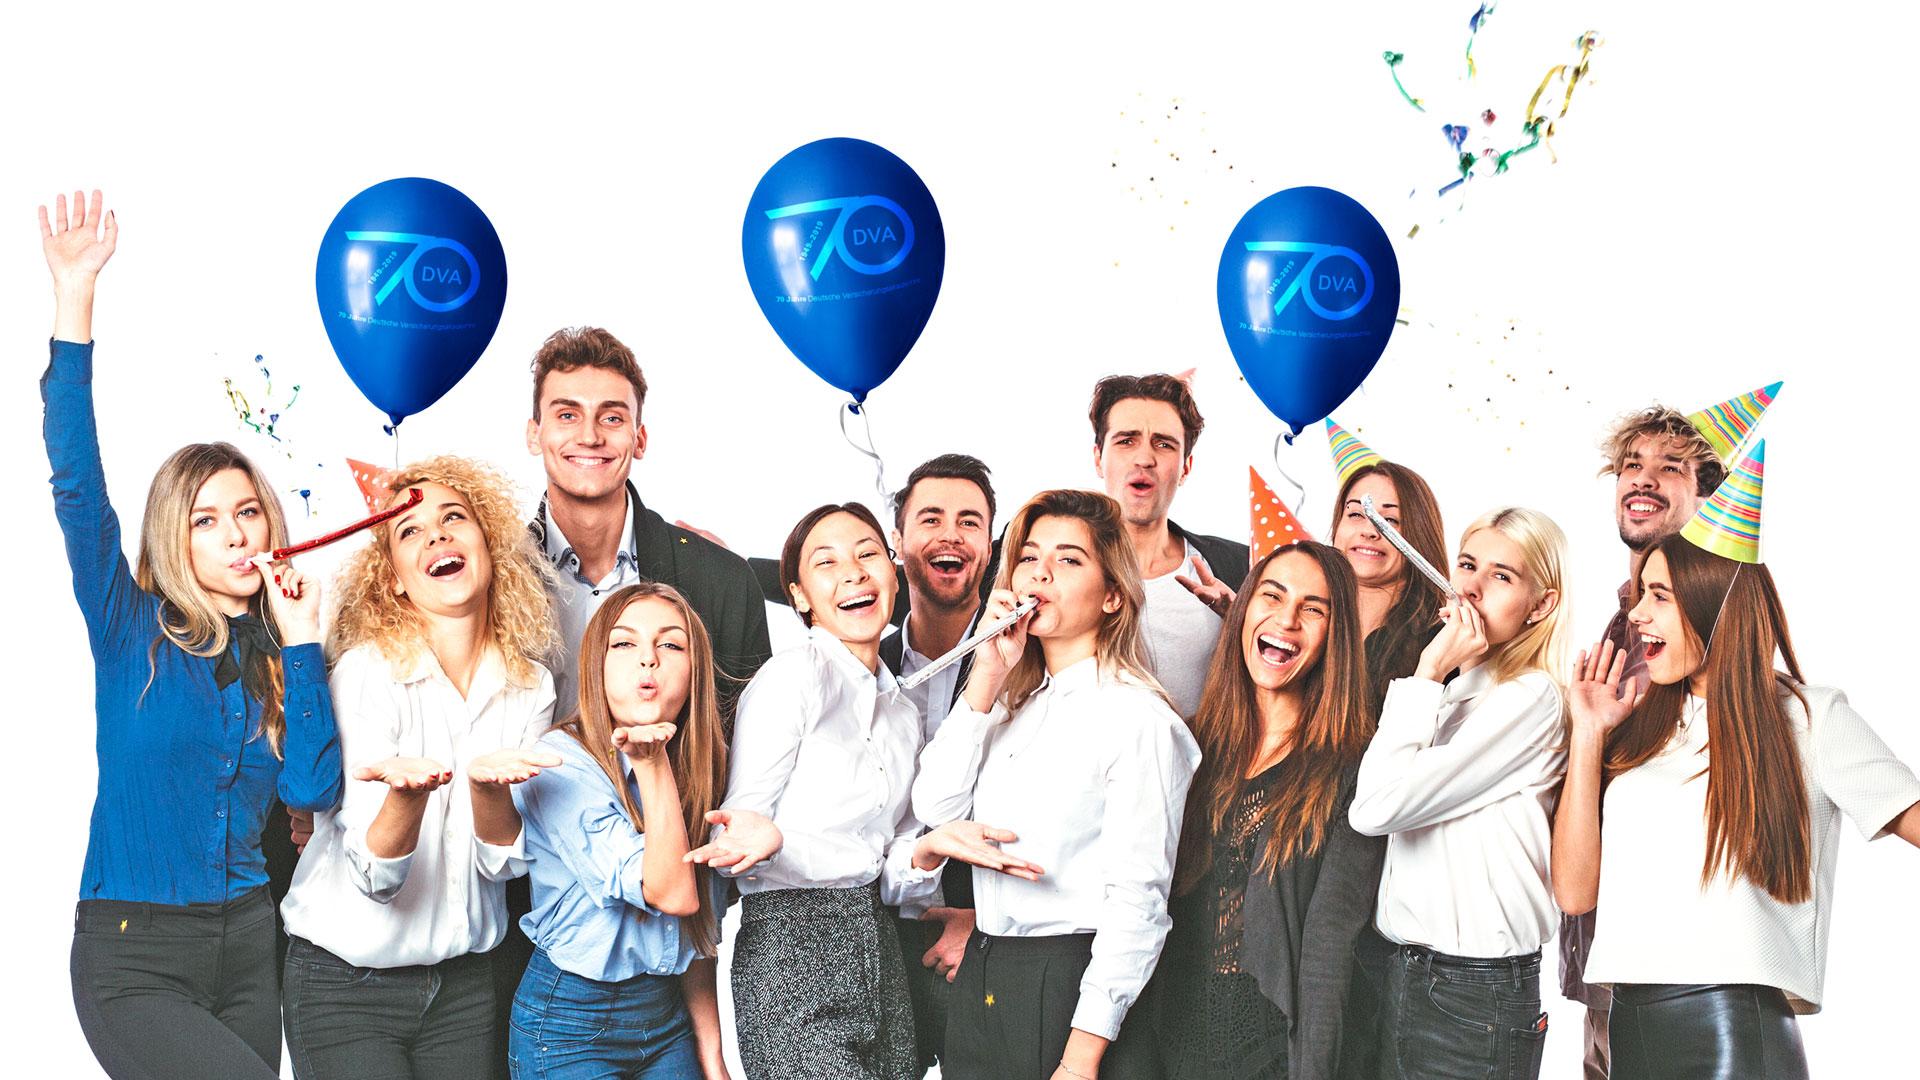 70Jahre Partybild Deutsche Versicherungsakademie DVA